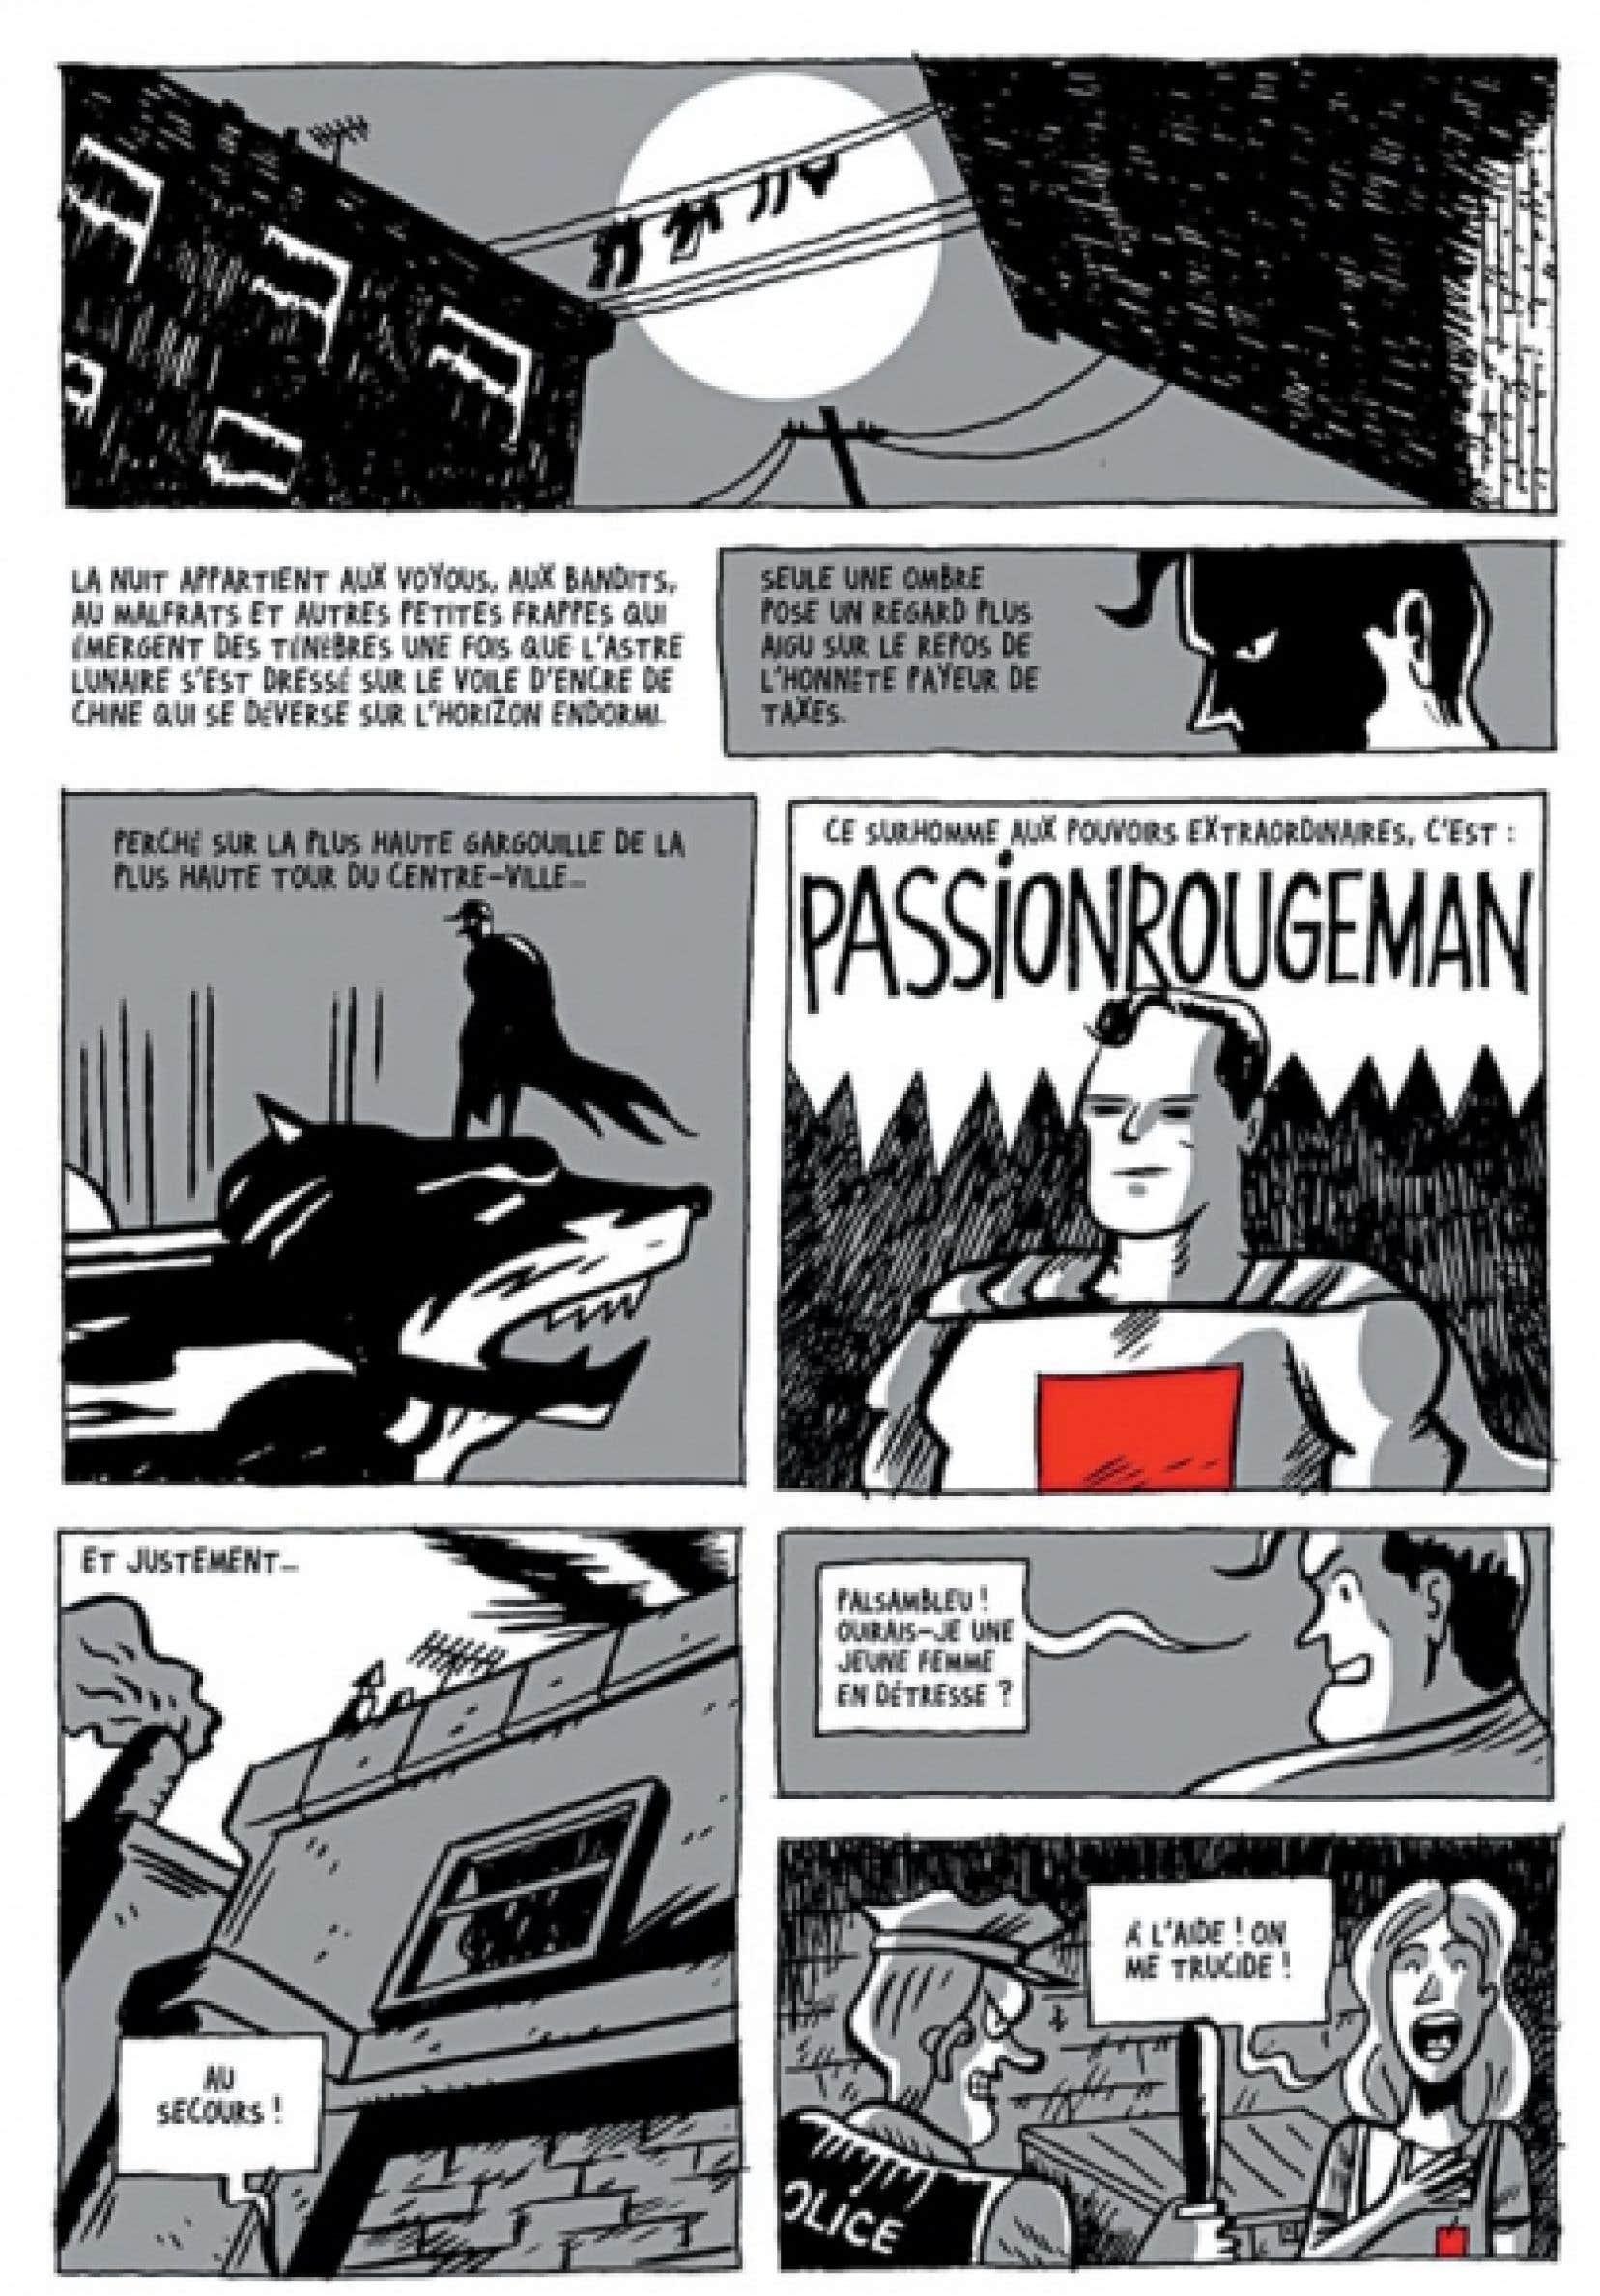 Les aventures de Passionrougeman, imaginées par l'auteur Philippe Girard